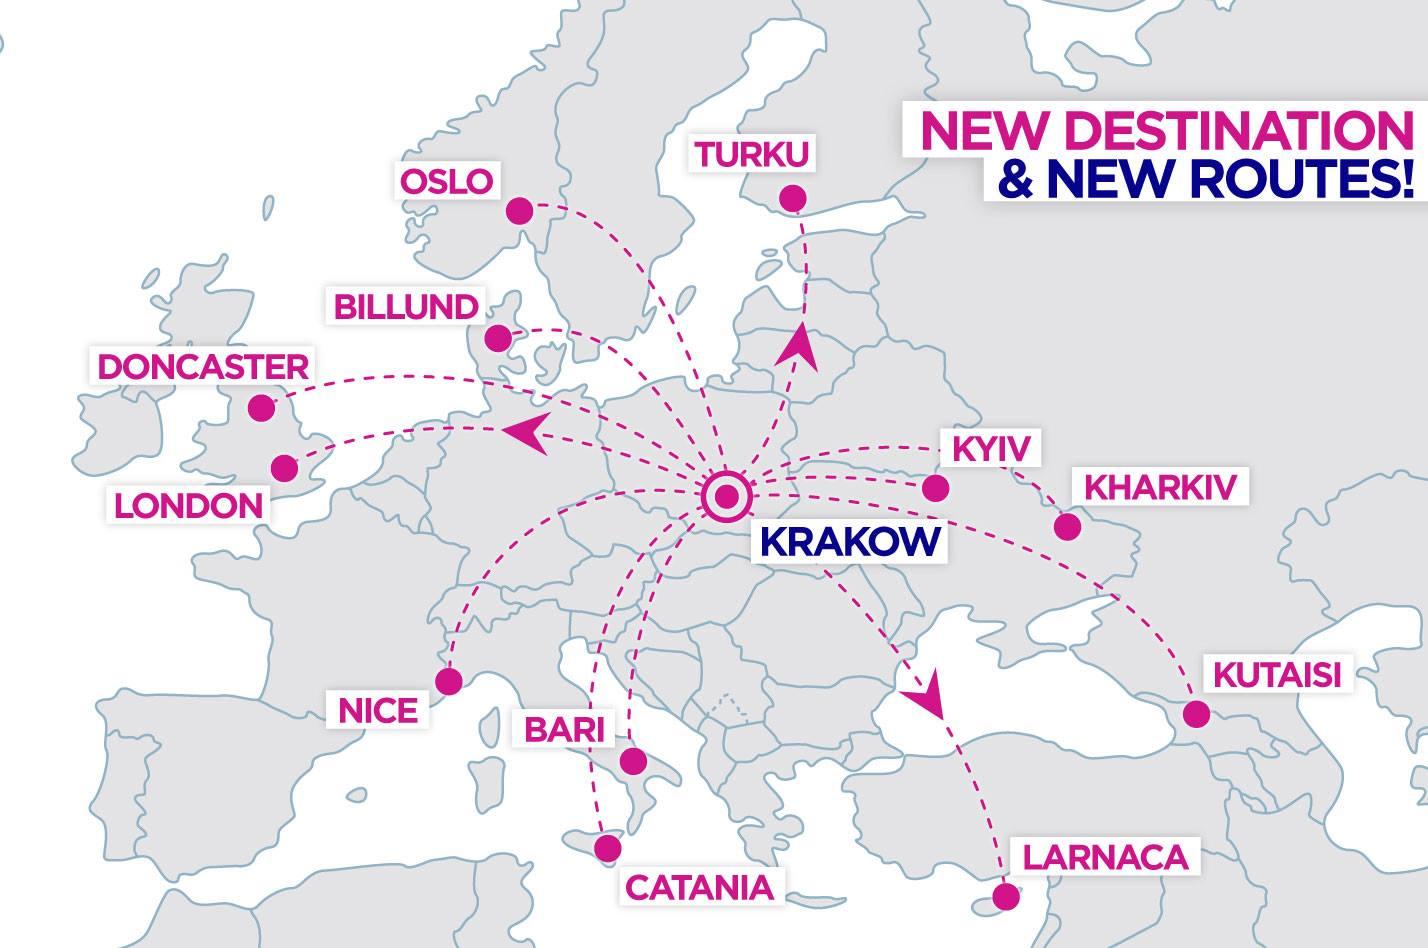 linky wizzair-u z Krakova